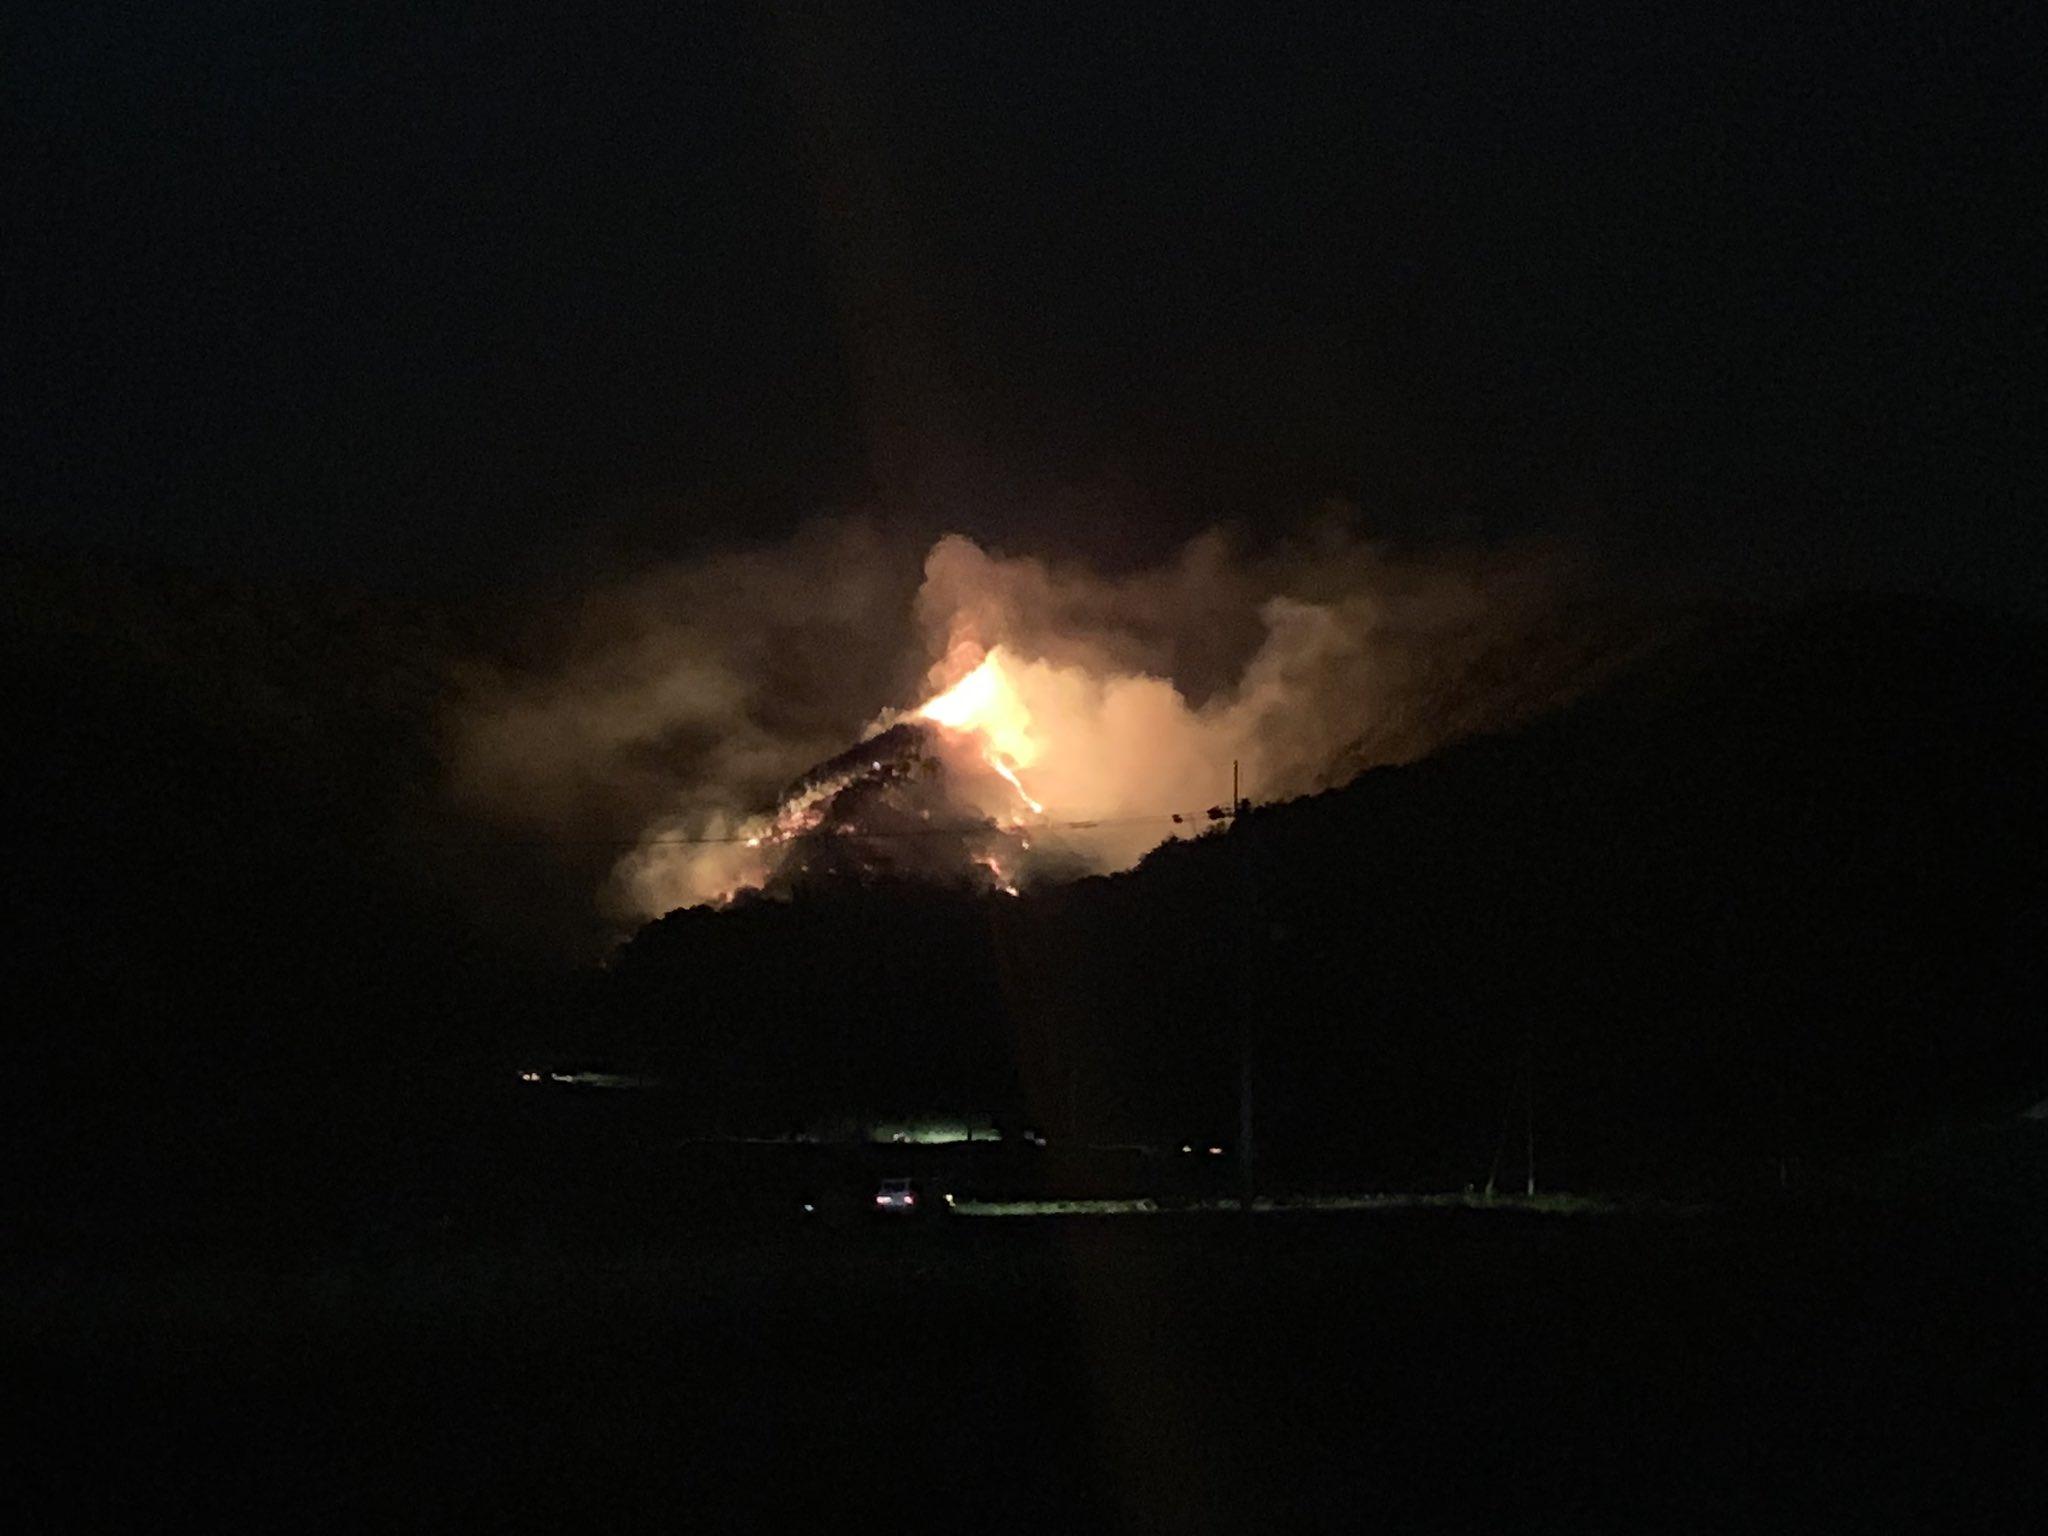 画像,四国中央の天満山火事なってる・・・風強いしやばない? https://t.co/ETNPEneW3a。